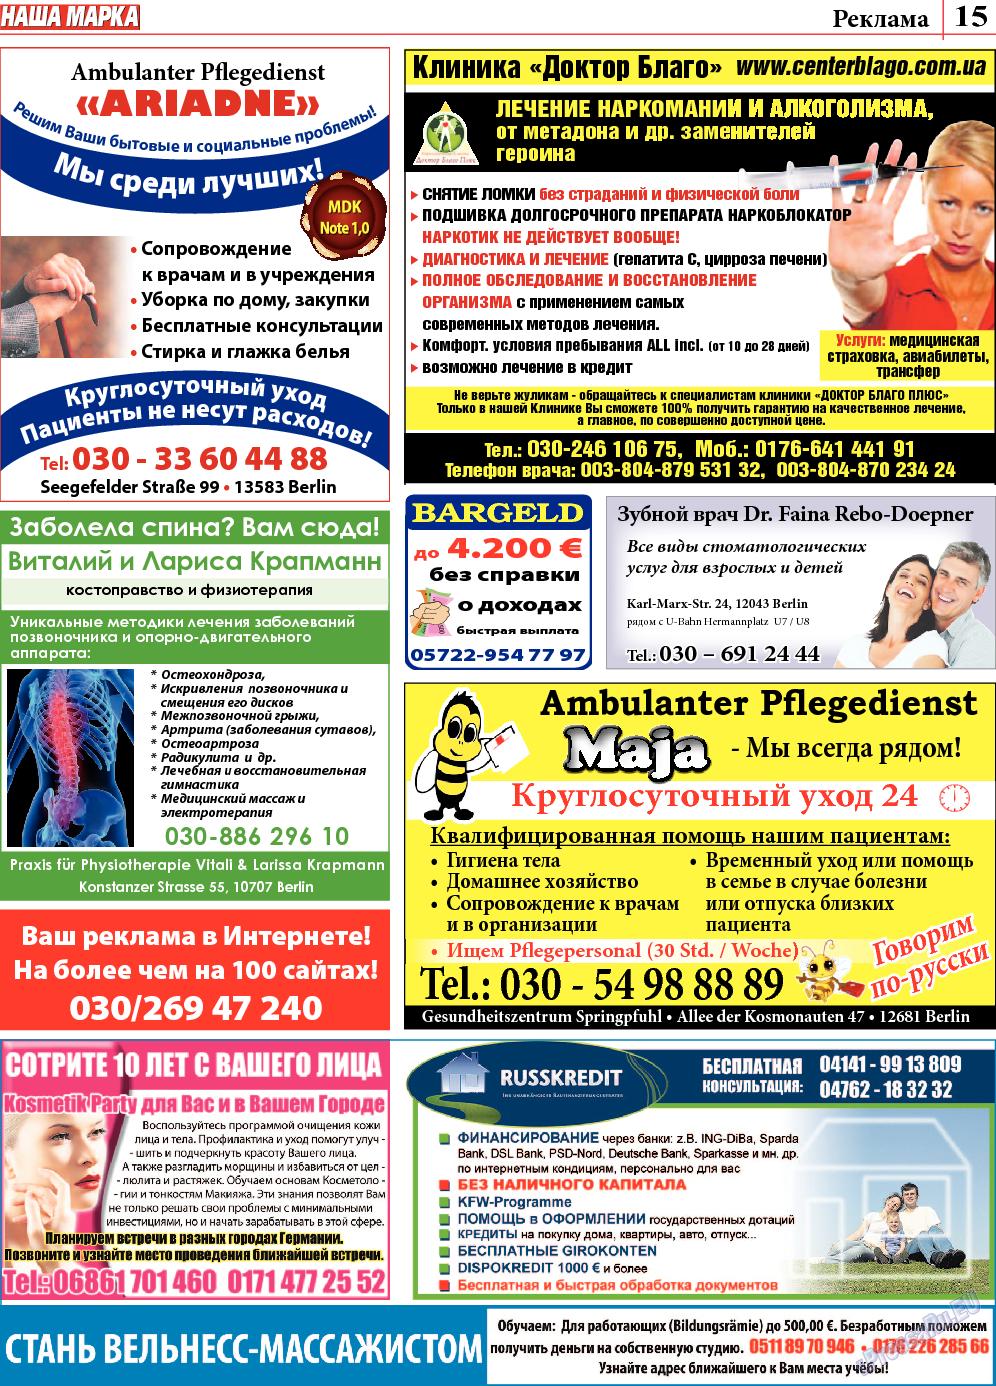 Наша марка (газета). 2013 год, номер 11, стр. 15